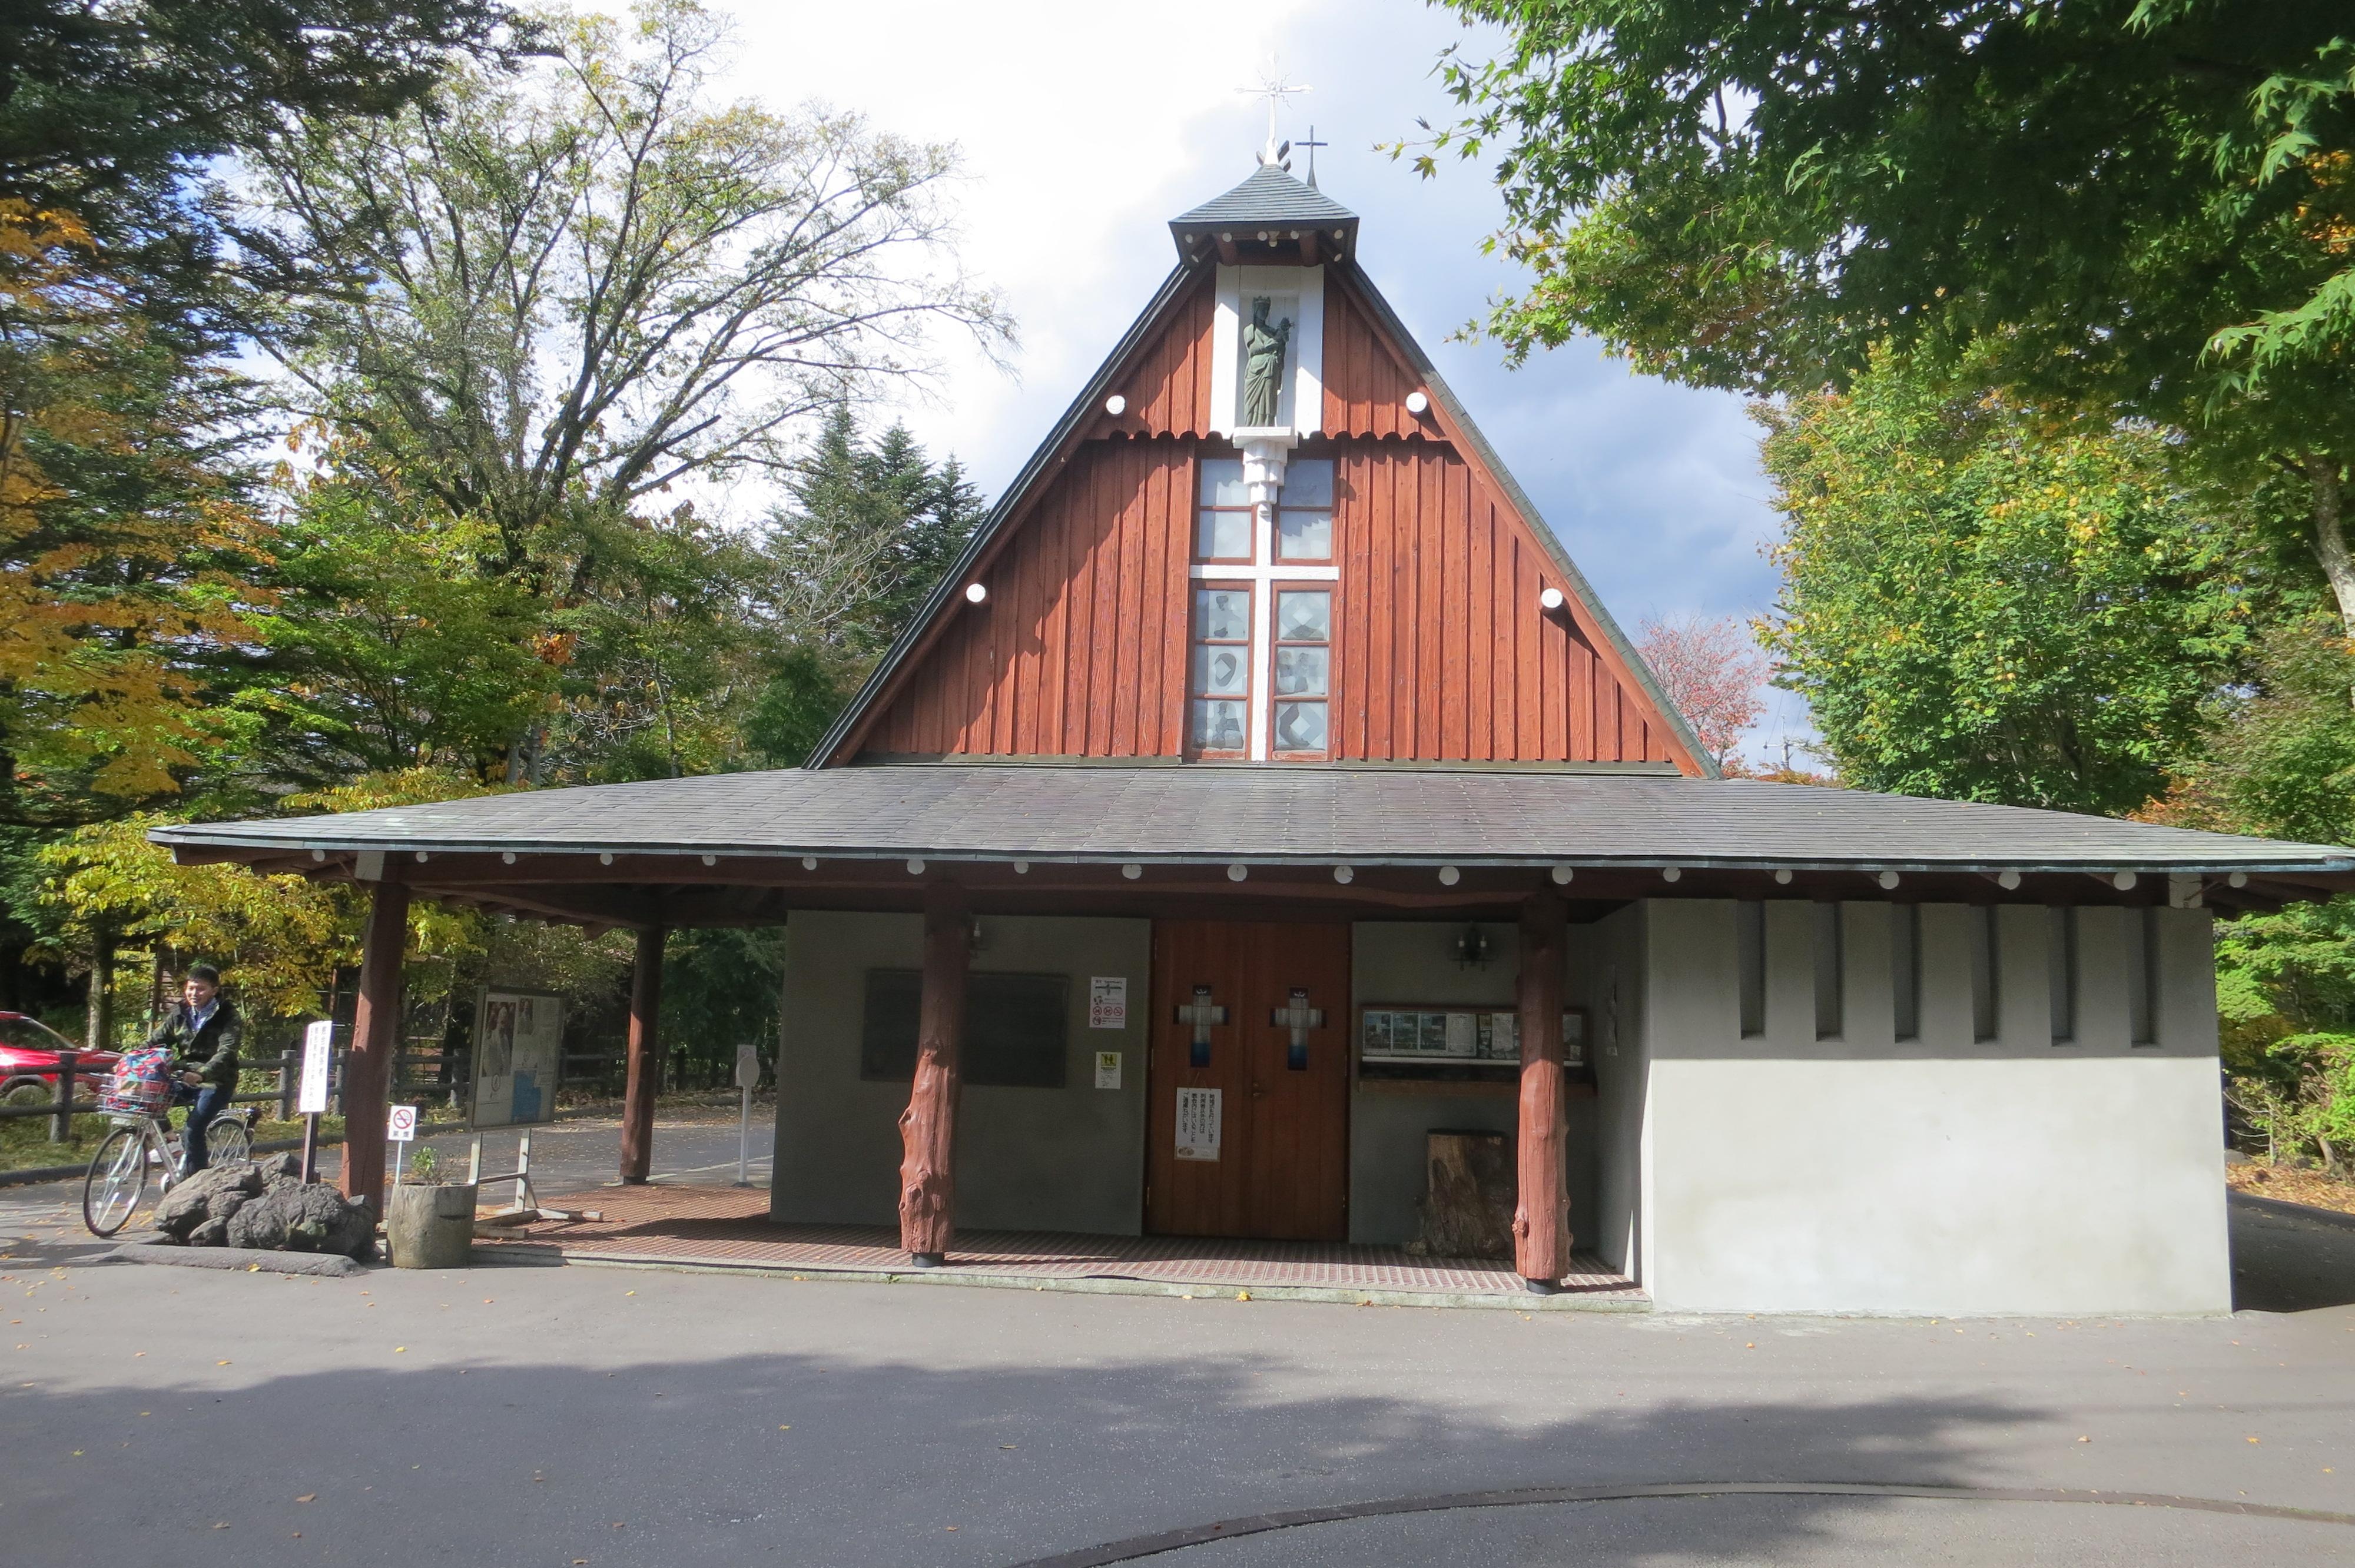 200114 軽井沢 聖パウロカトリック教会